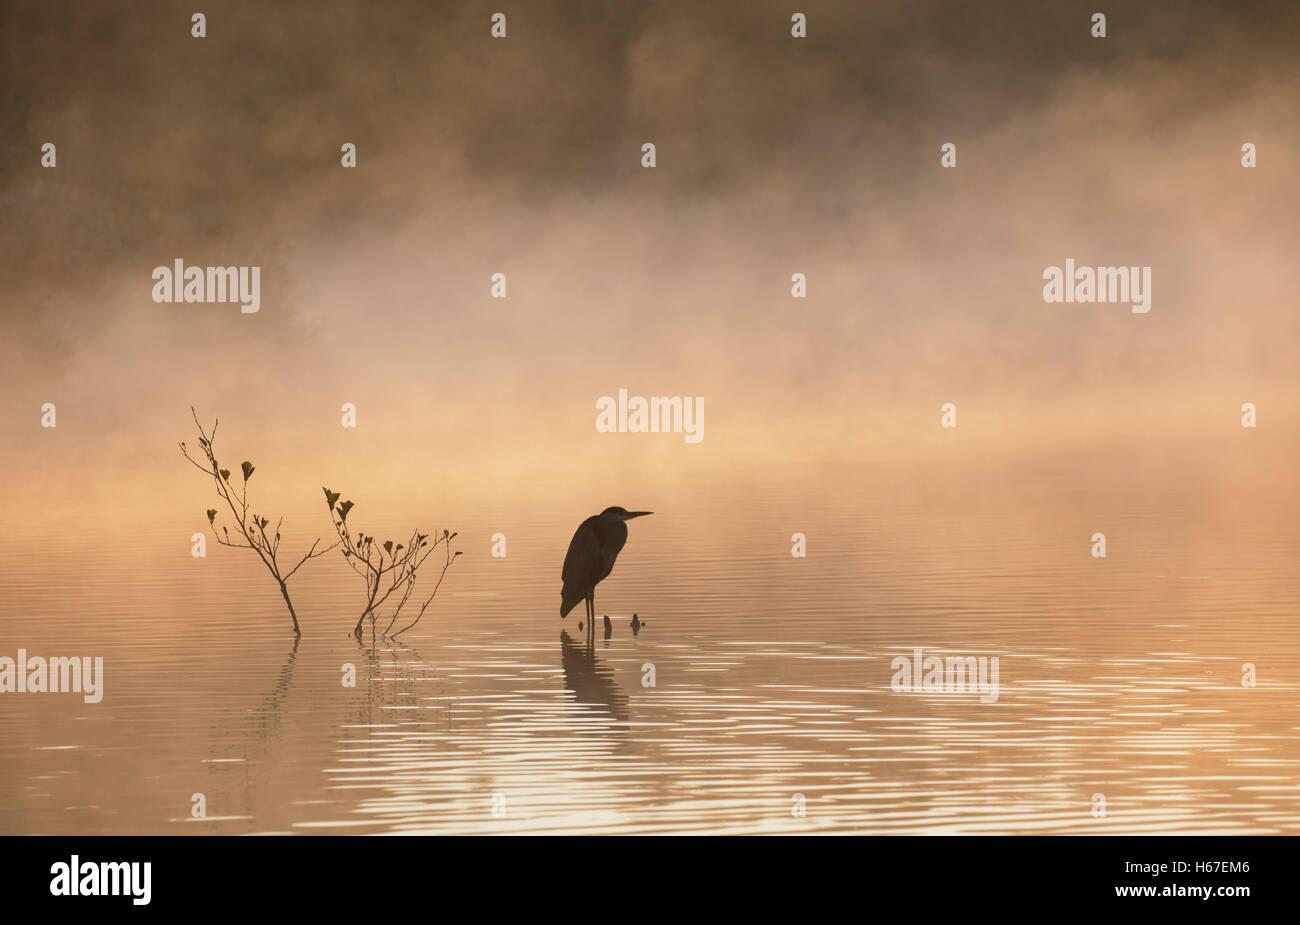 Garza real con vistas a lago brumoso al amanecer Imagen De Stock